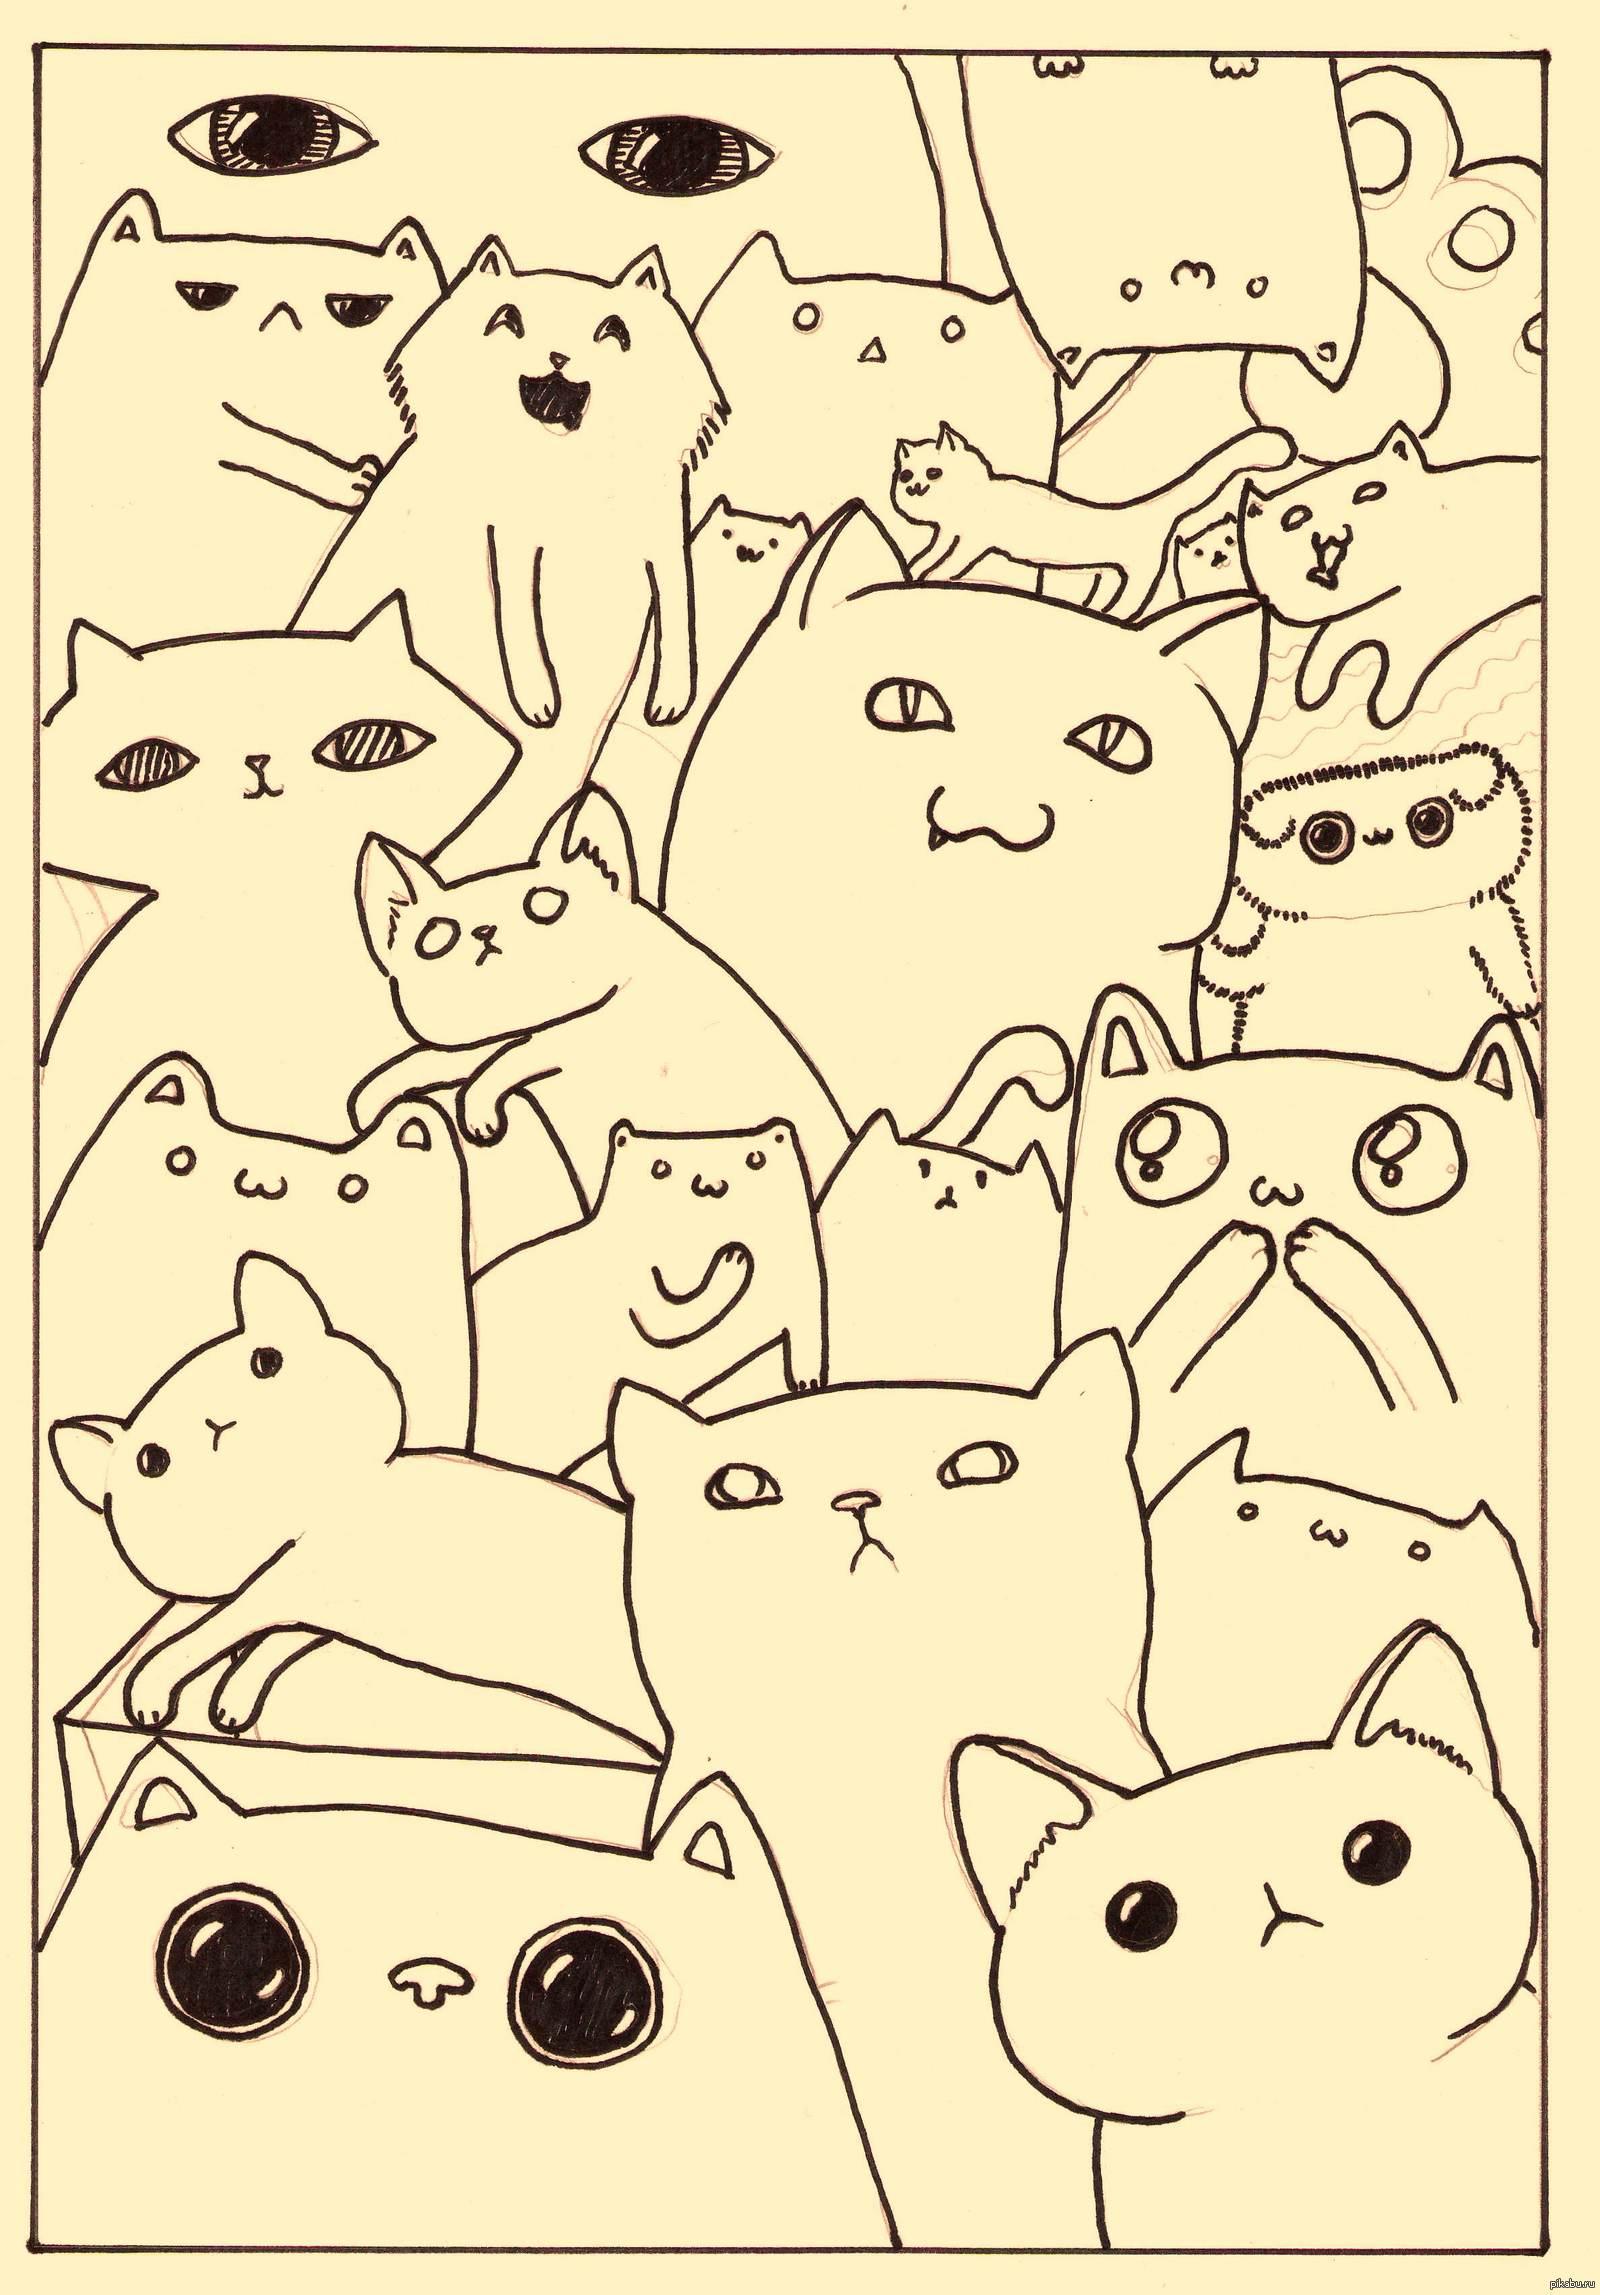 захотел картинка много котиков черно белая несколько последних